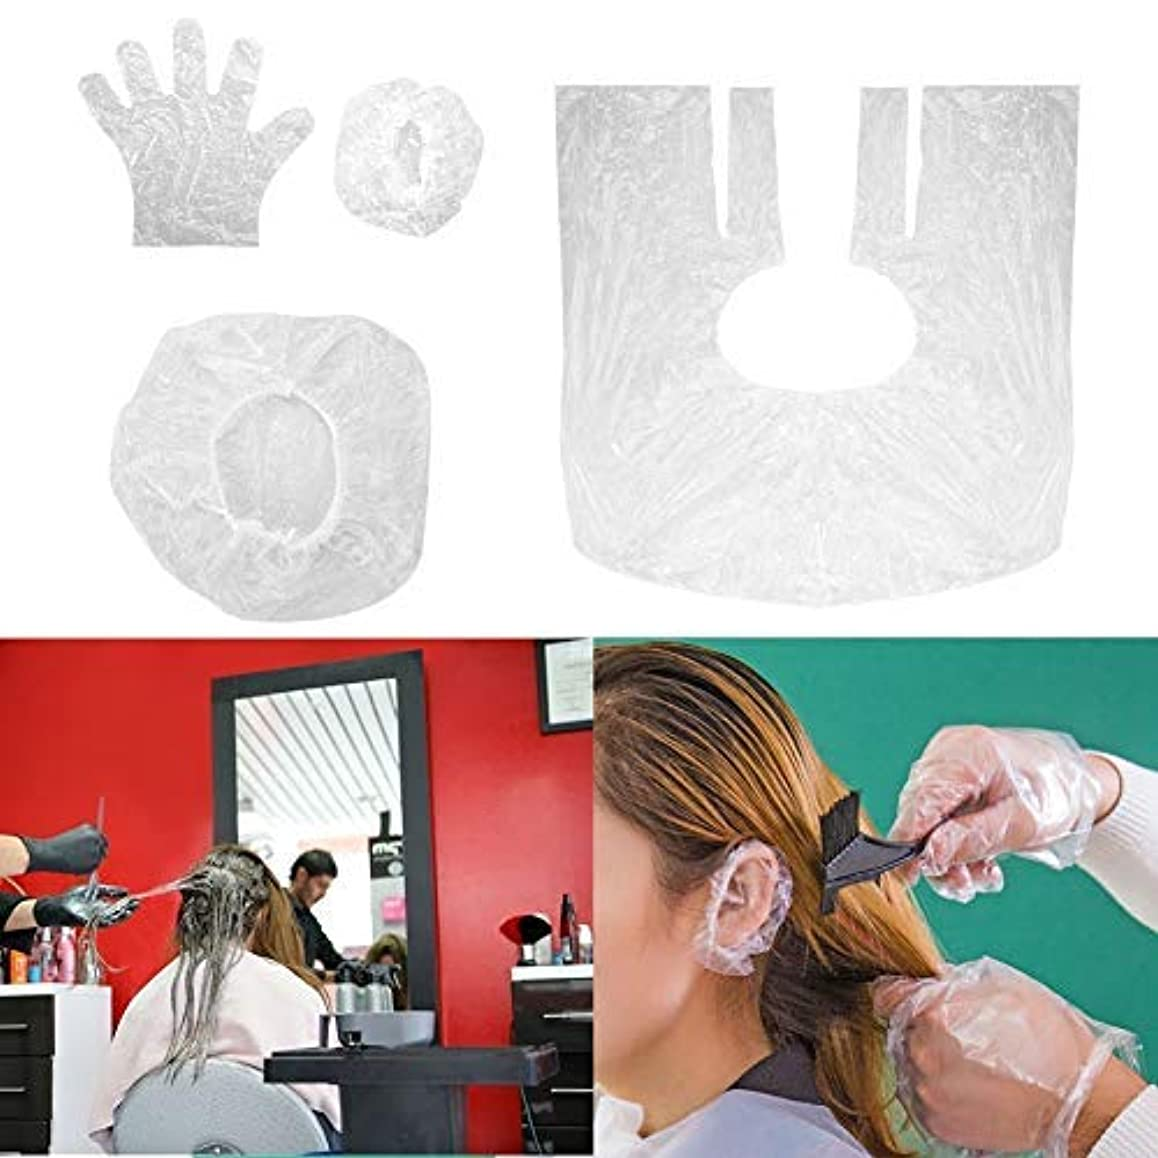 負荷毒液彼女の毛染め用 髪染め シャワーキャップ サロン 耳キャップ シャワーキャップ 手袋 使い捨て 10点セット